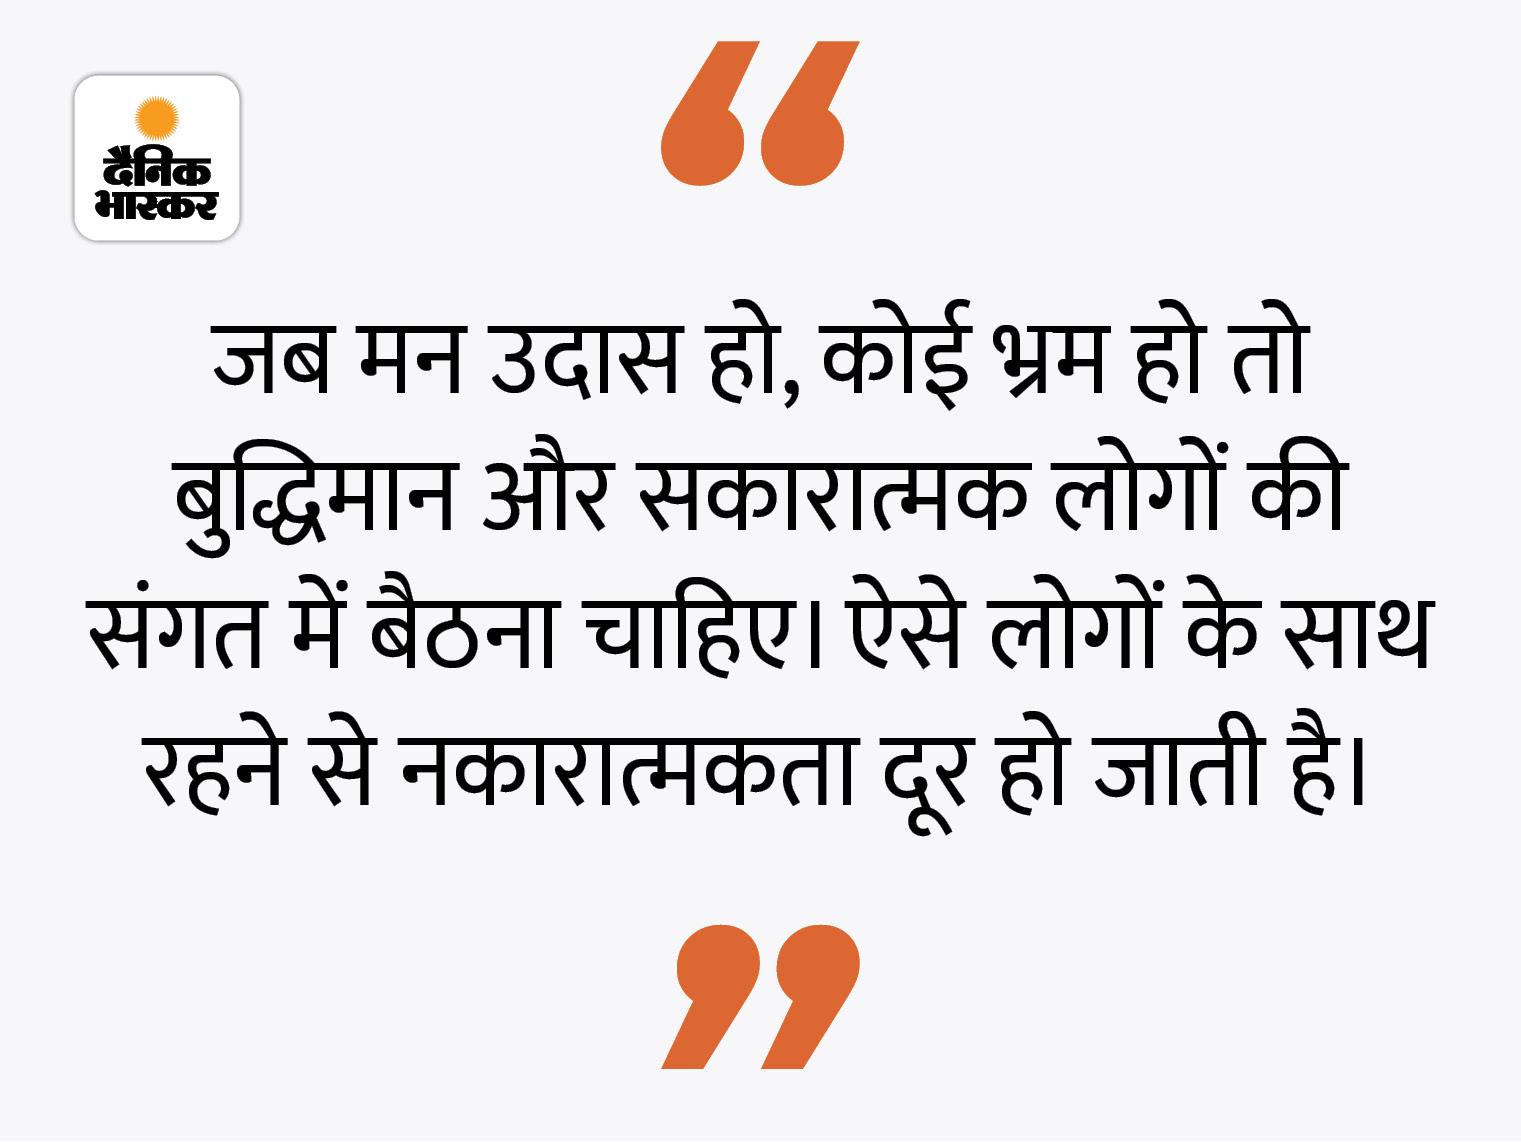 सकारात्मक लोगों के साथ रहेंगे तो बुरे समय से लड़ने की शक्ति बढ़ेगी|धर्म,Dharm - Dainik Bhaskar